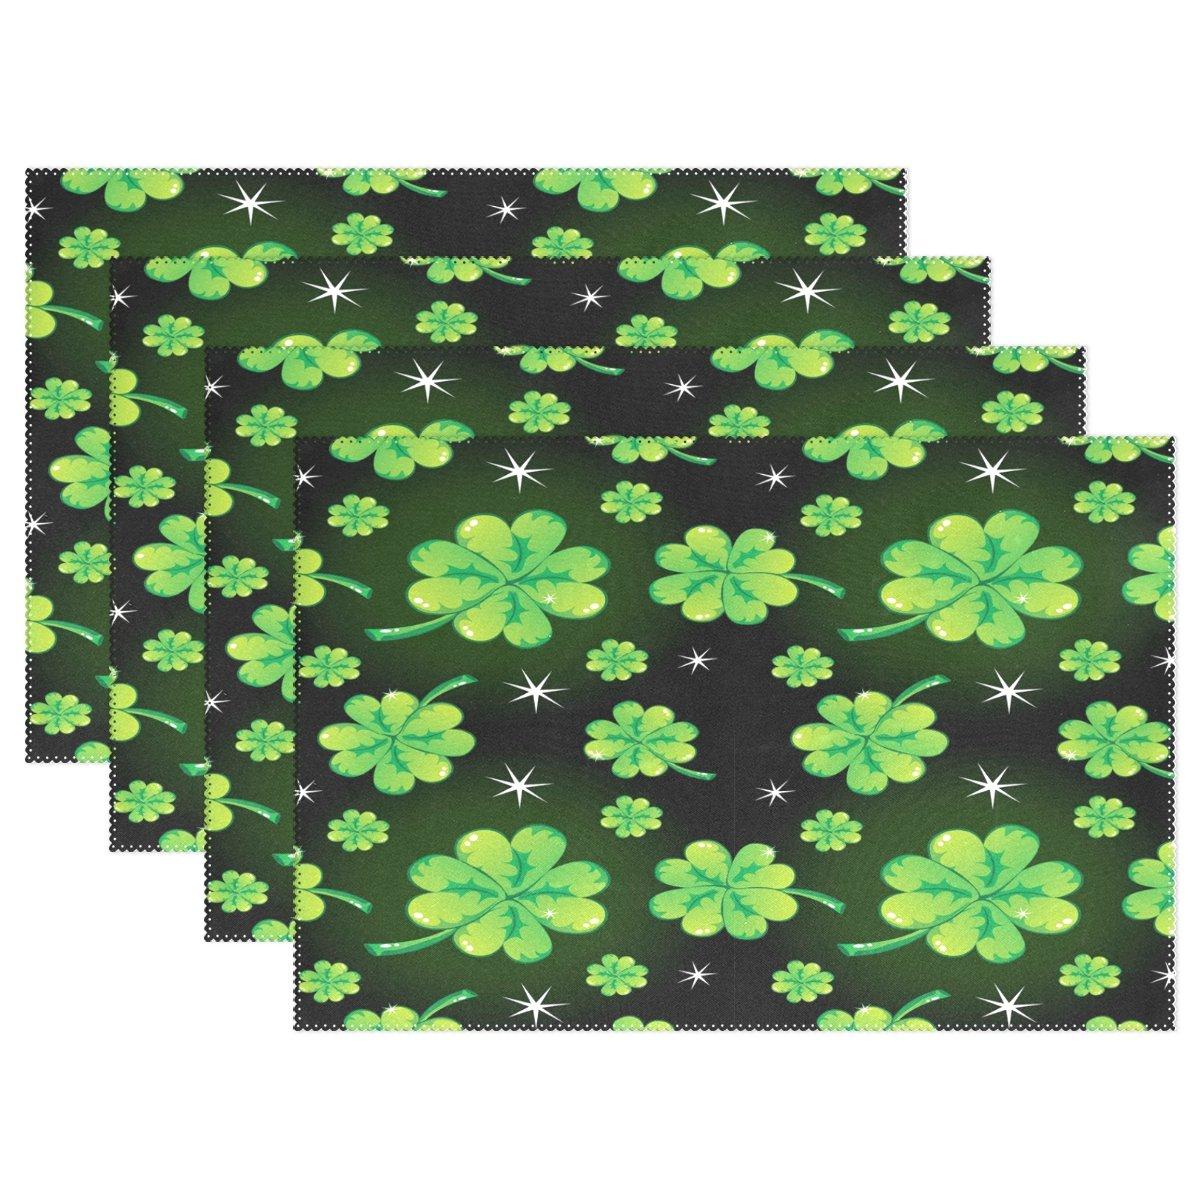 Wozoグリーンシャムロッククローバー聖パトリックの日プレースマットテーブルマット12